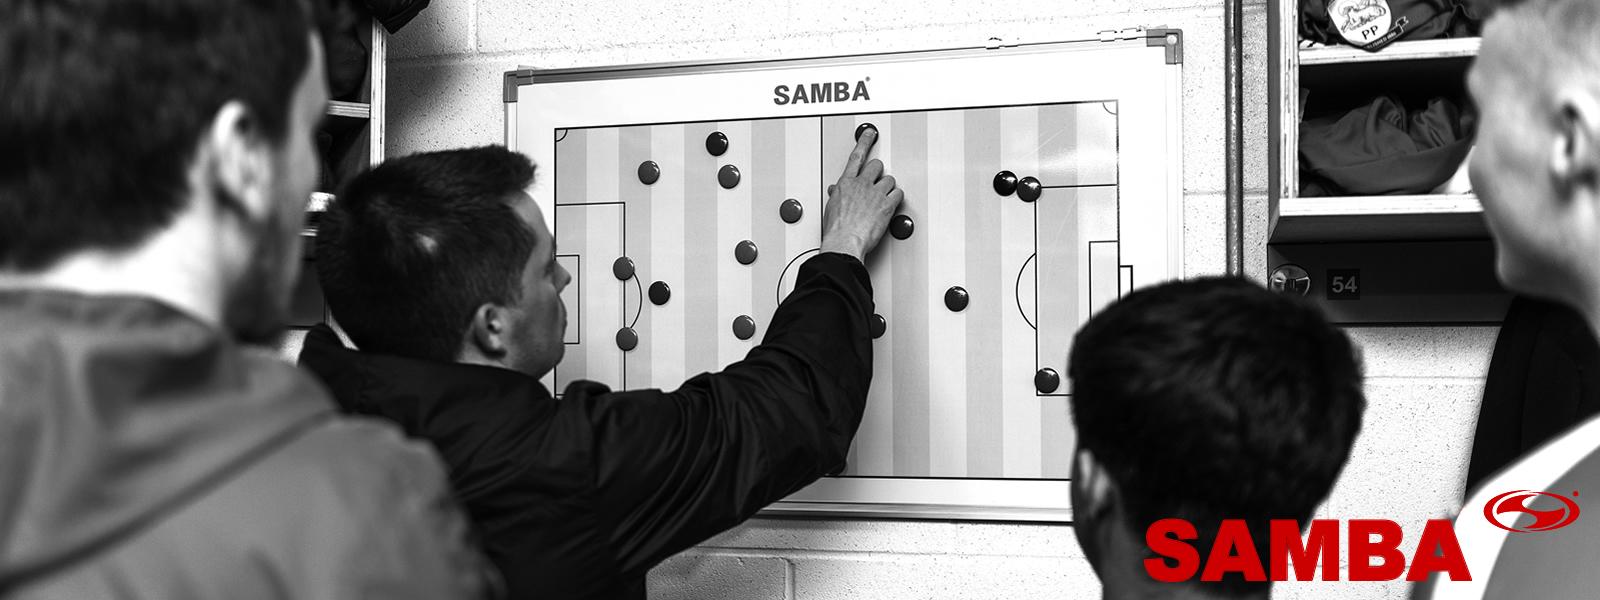 Coaching boards